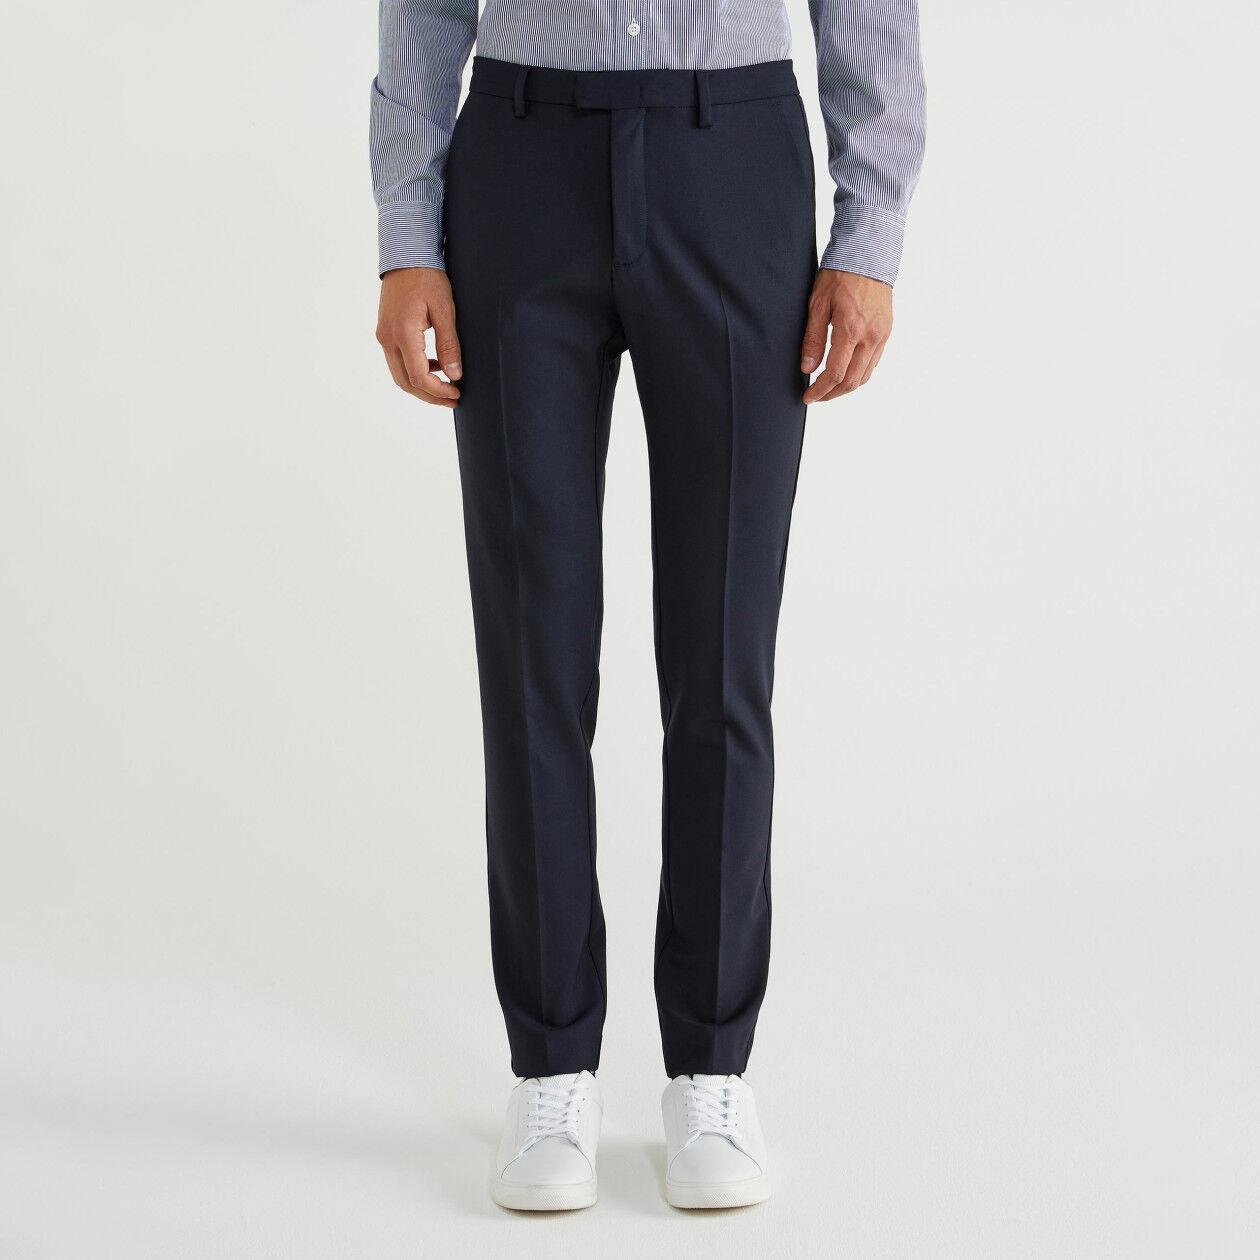 Pantalón ceñido de lana fría